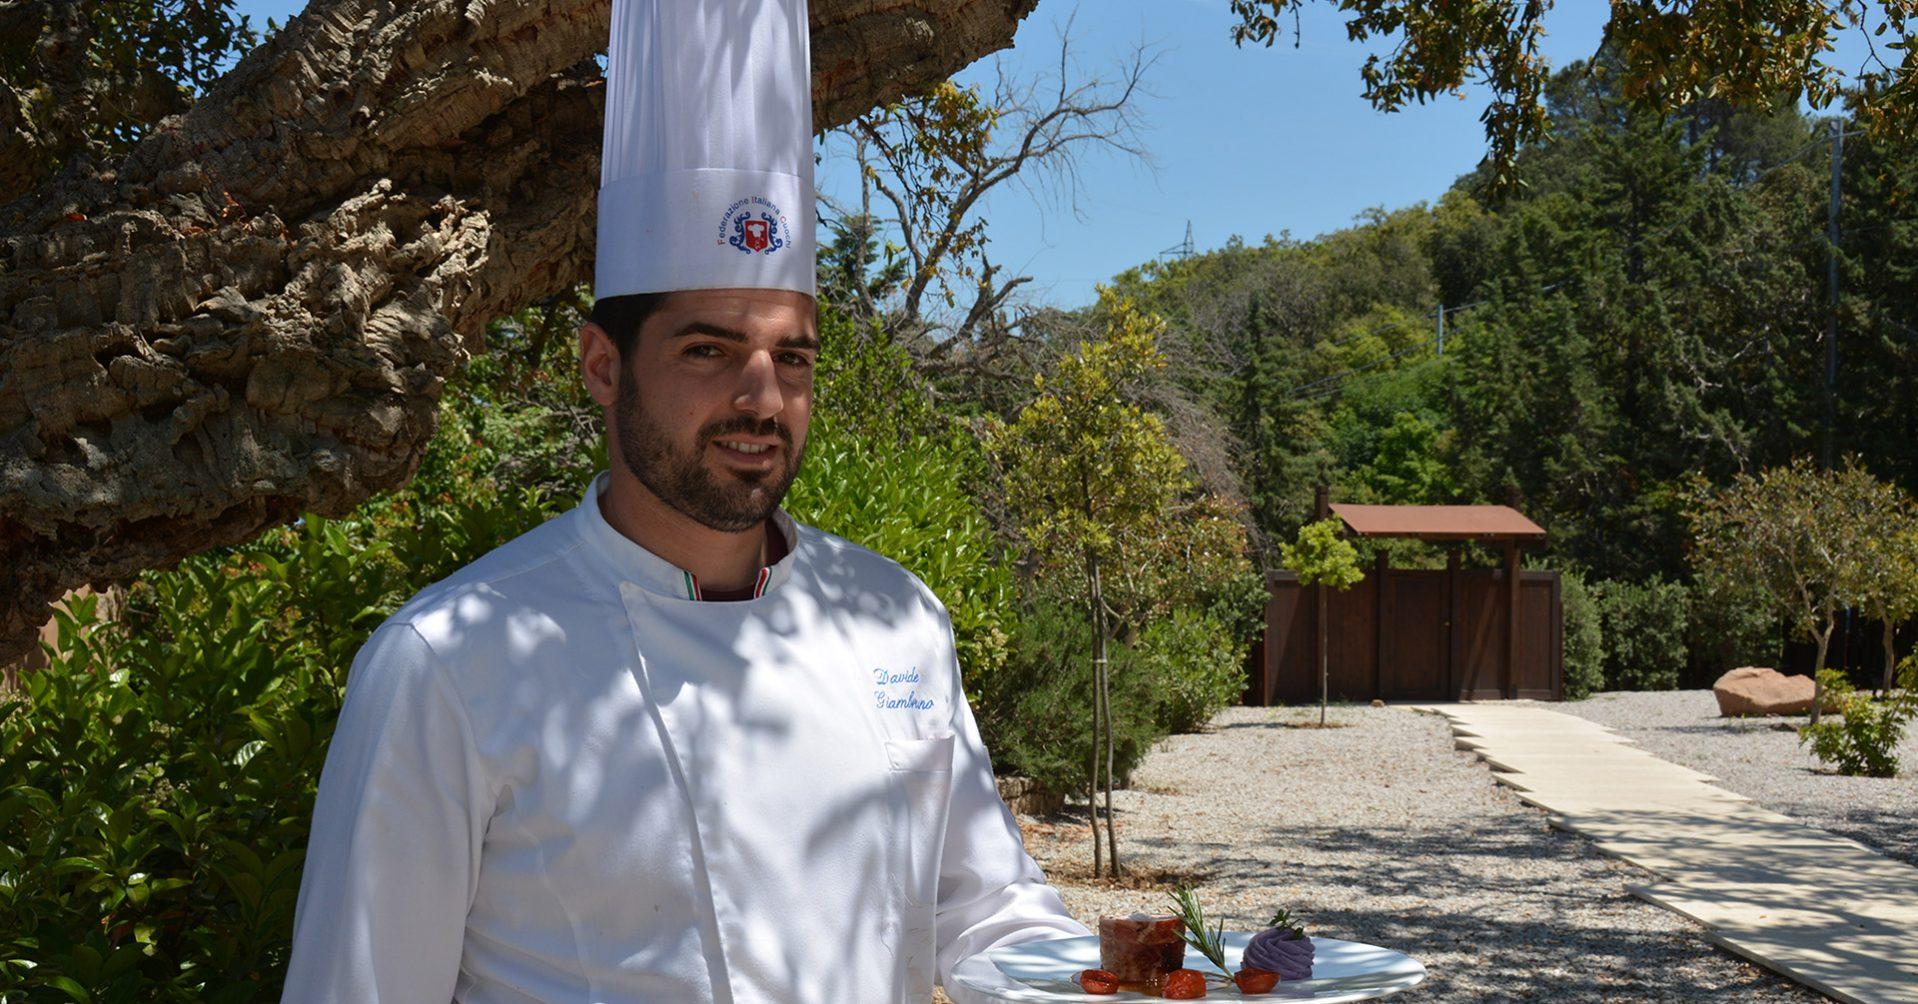 chef-davide-giambruno-featured